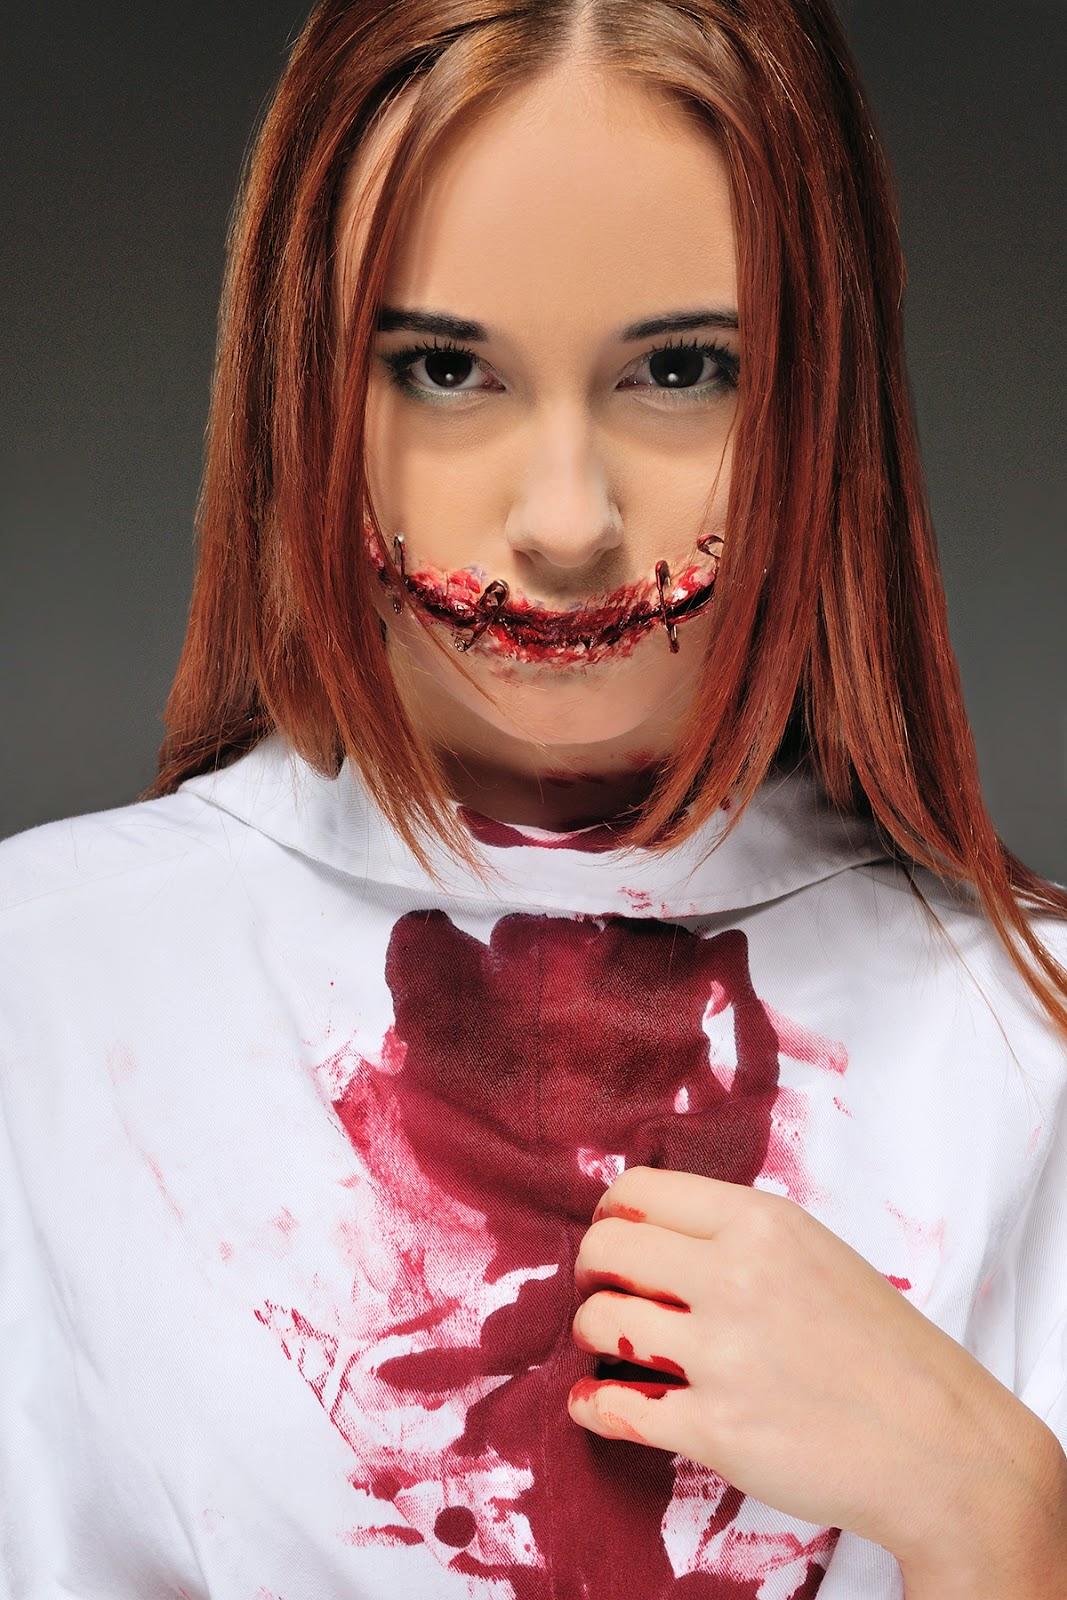 [152.] Charakteryzacja z krwawym uśmiechem.